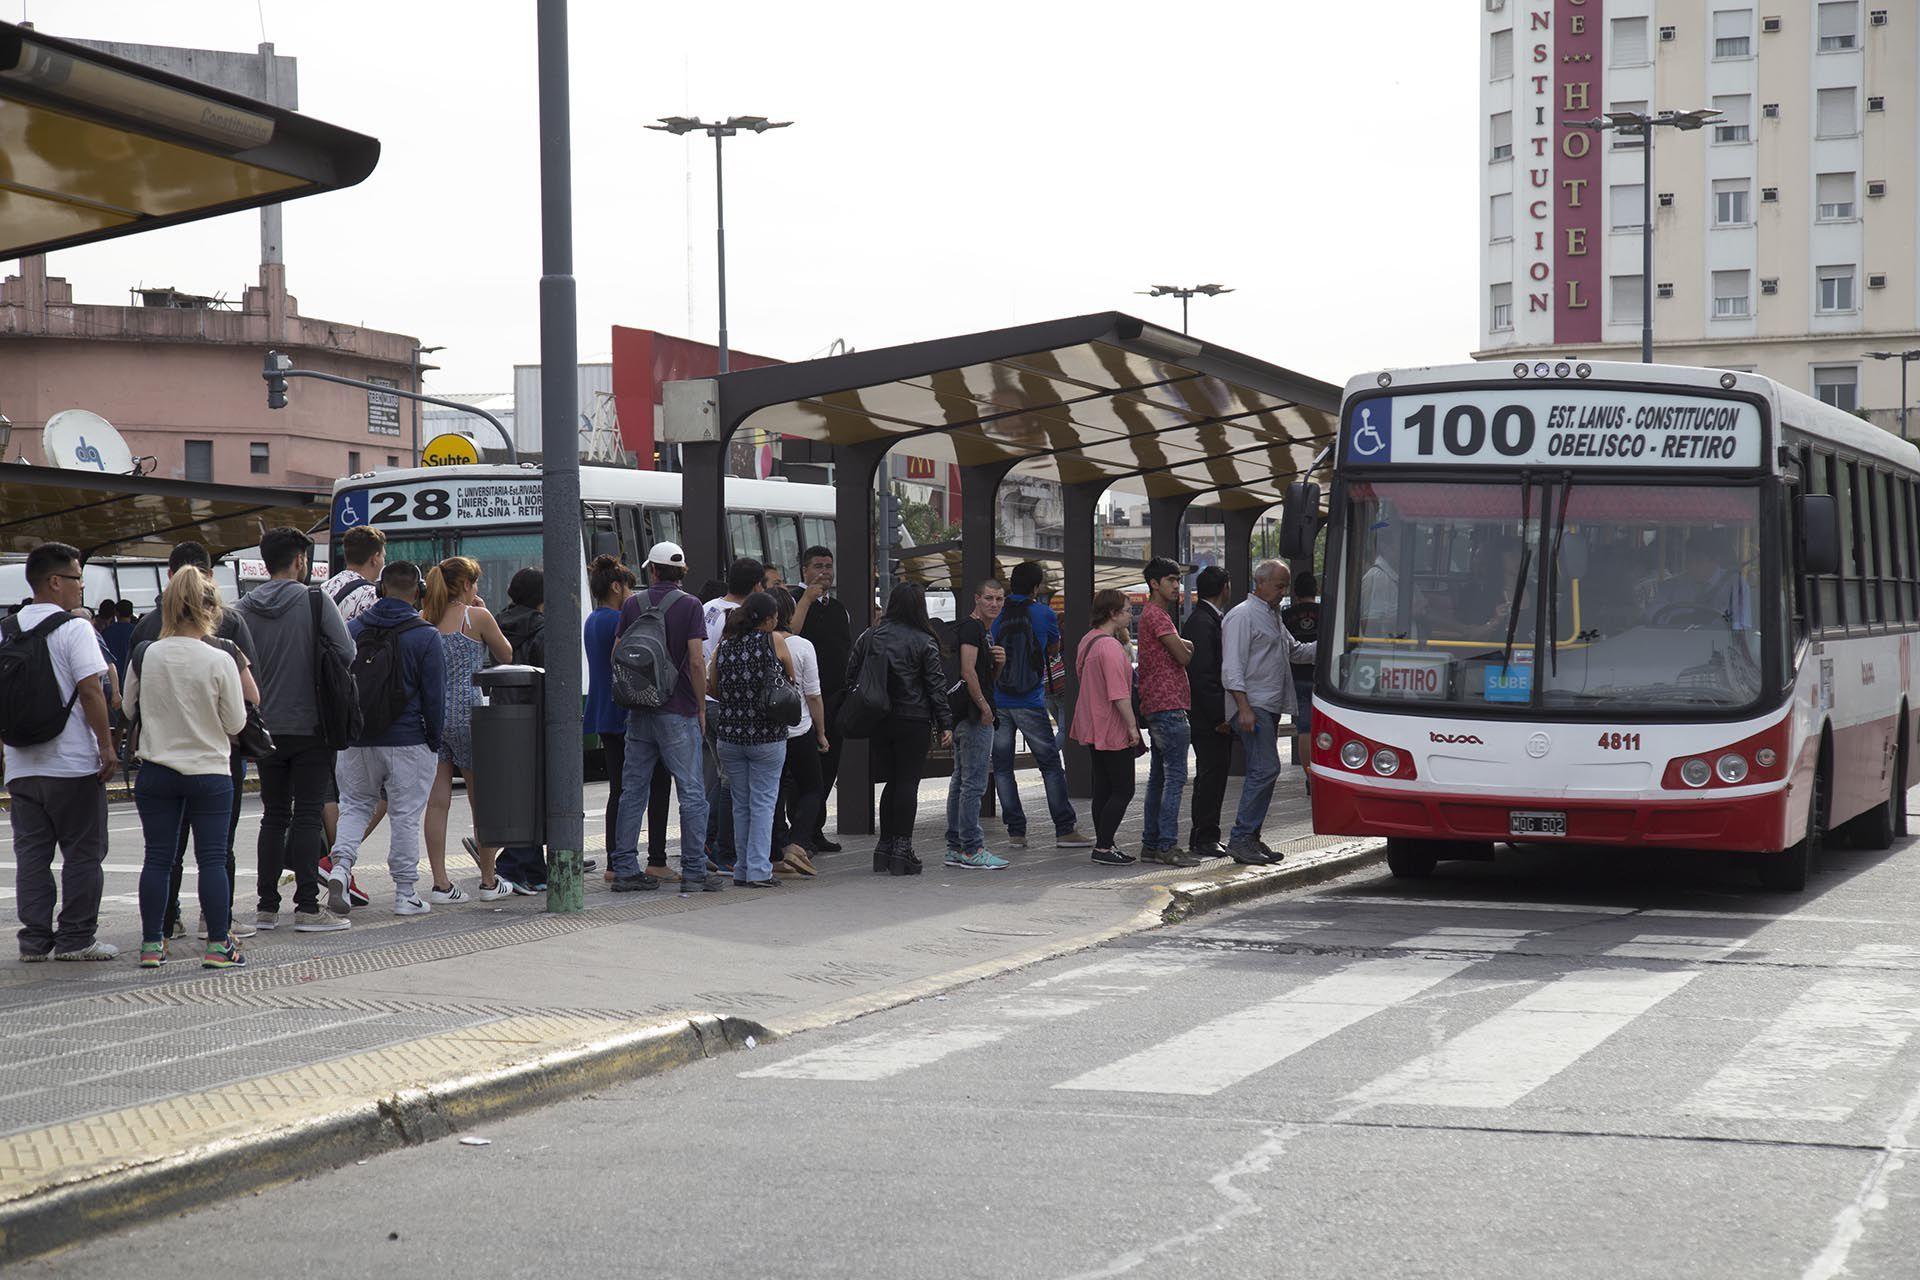 El Gobierno controlará el transporte público y exigirá que todos los trabajadores esenciales vuelvan a solicitar los permisos de circulación (NA)